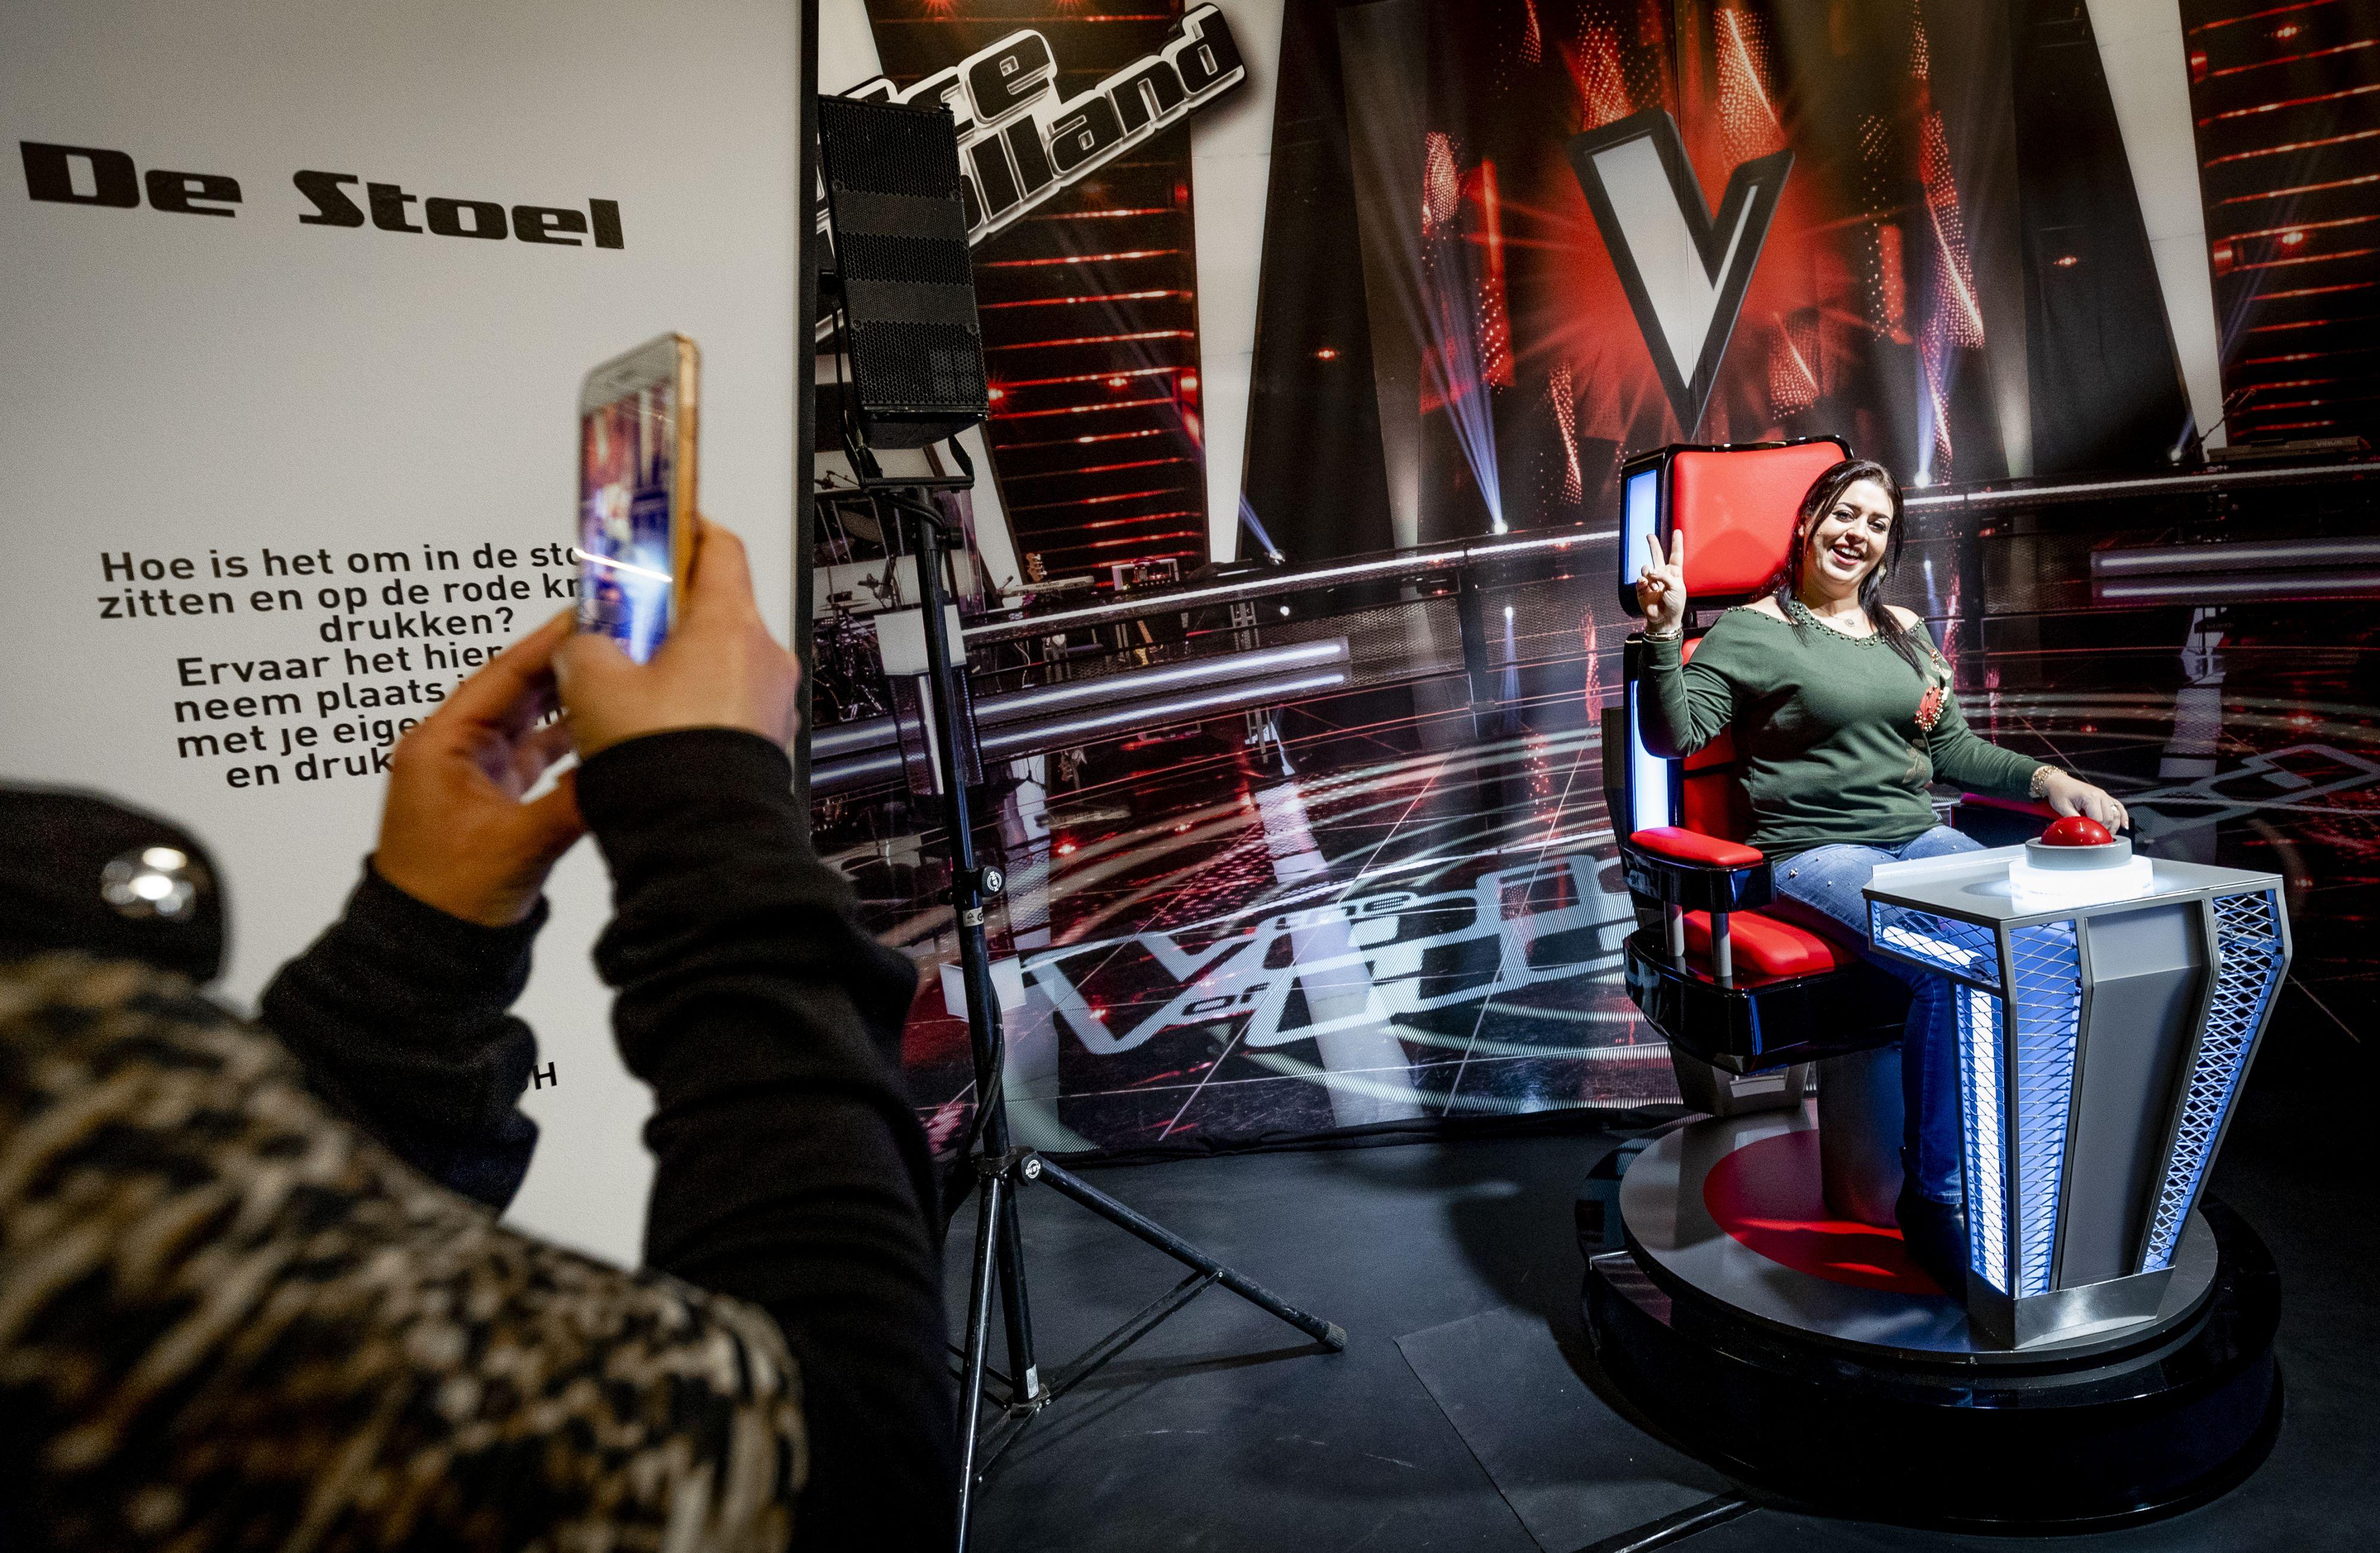 Chantal Janzen: 'Zelf aan The Voice meedoen? Nooit, doodeng'